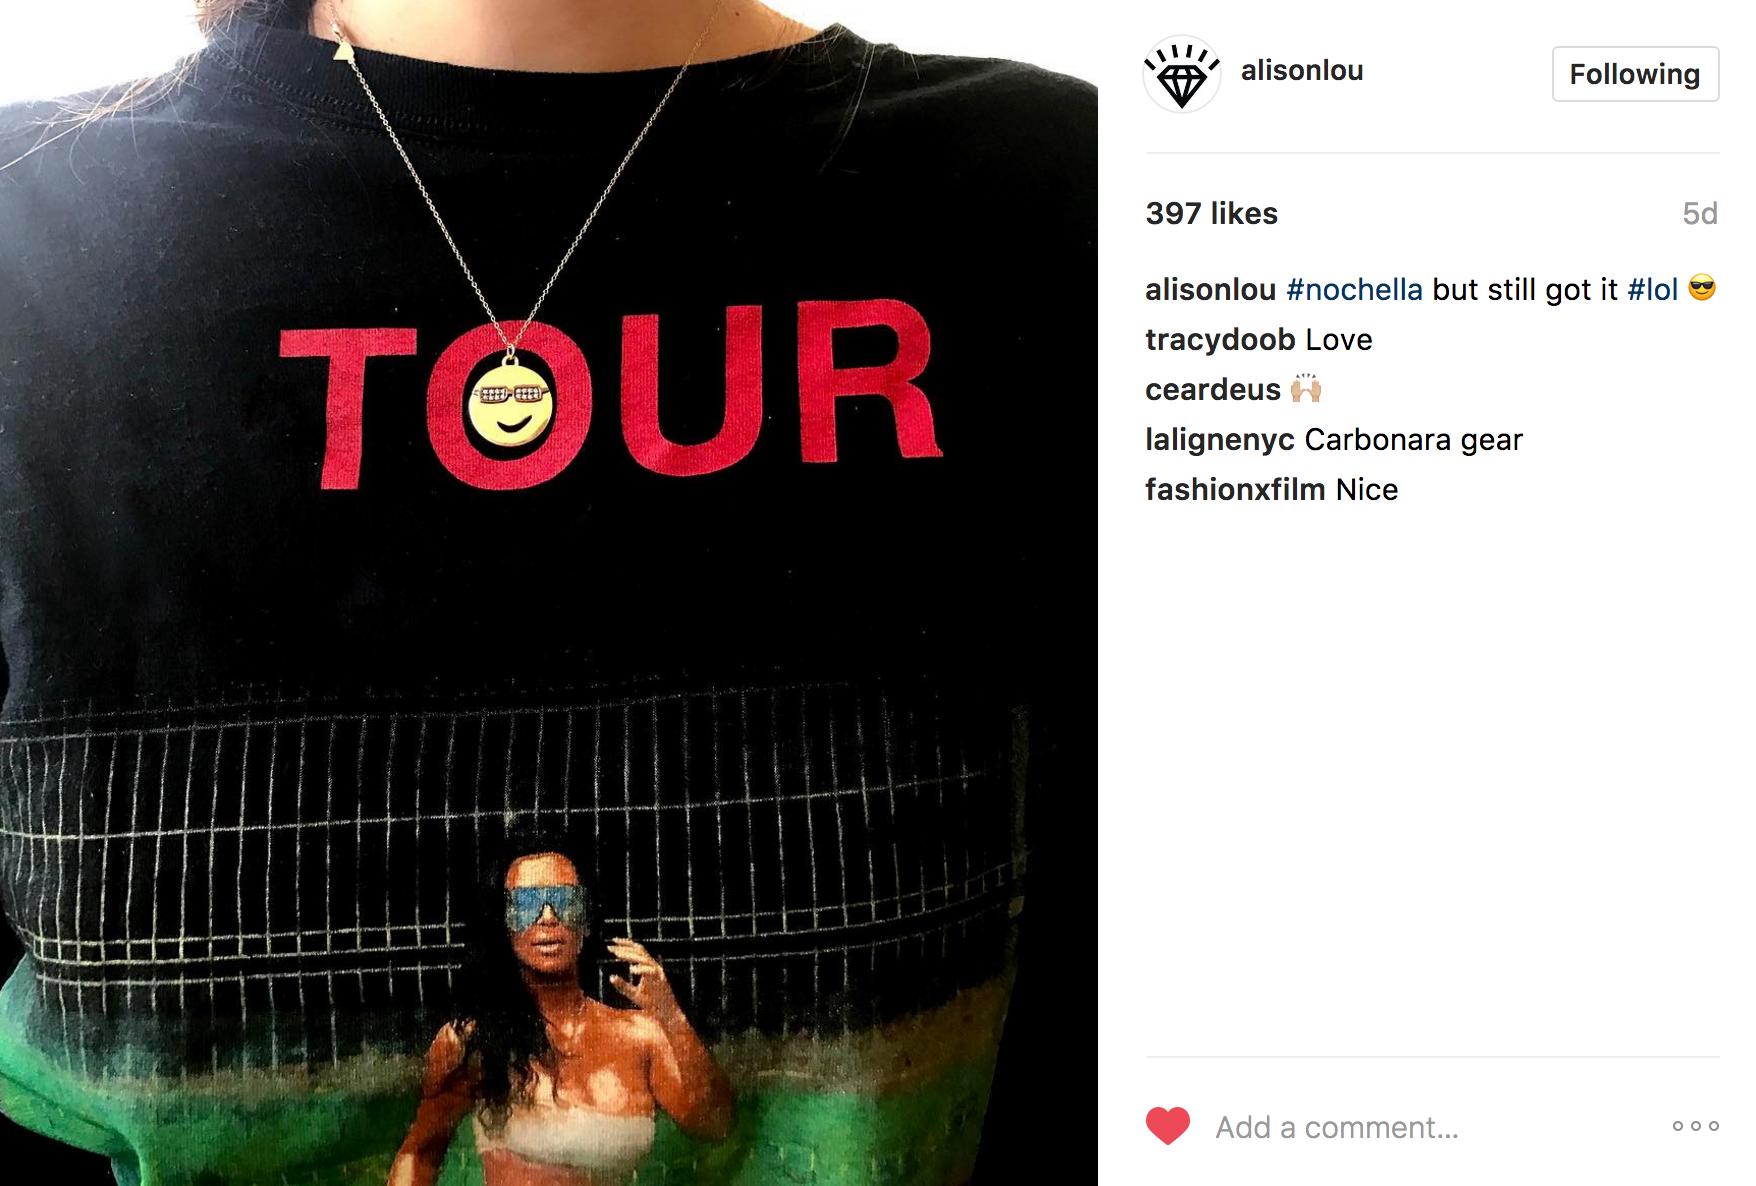 Alison Lou Instagram | JCK Social Setting